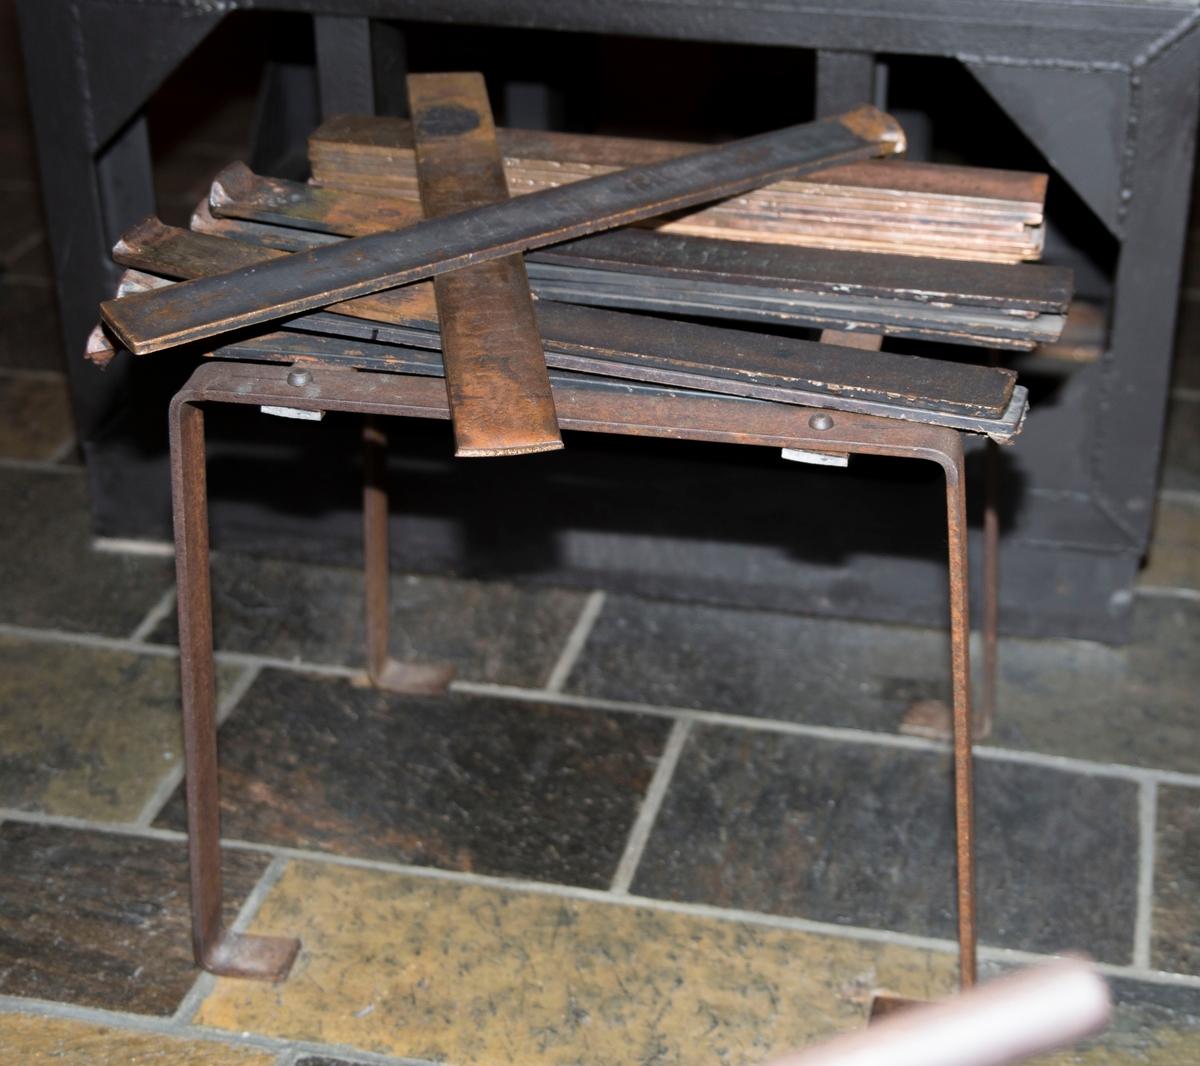 Flate jernplater montert sammen med stålnagler slik at de danner ett stativ med flat topp og fire bein. 15 teiner er montert på stativet.